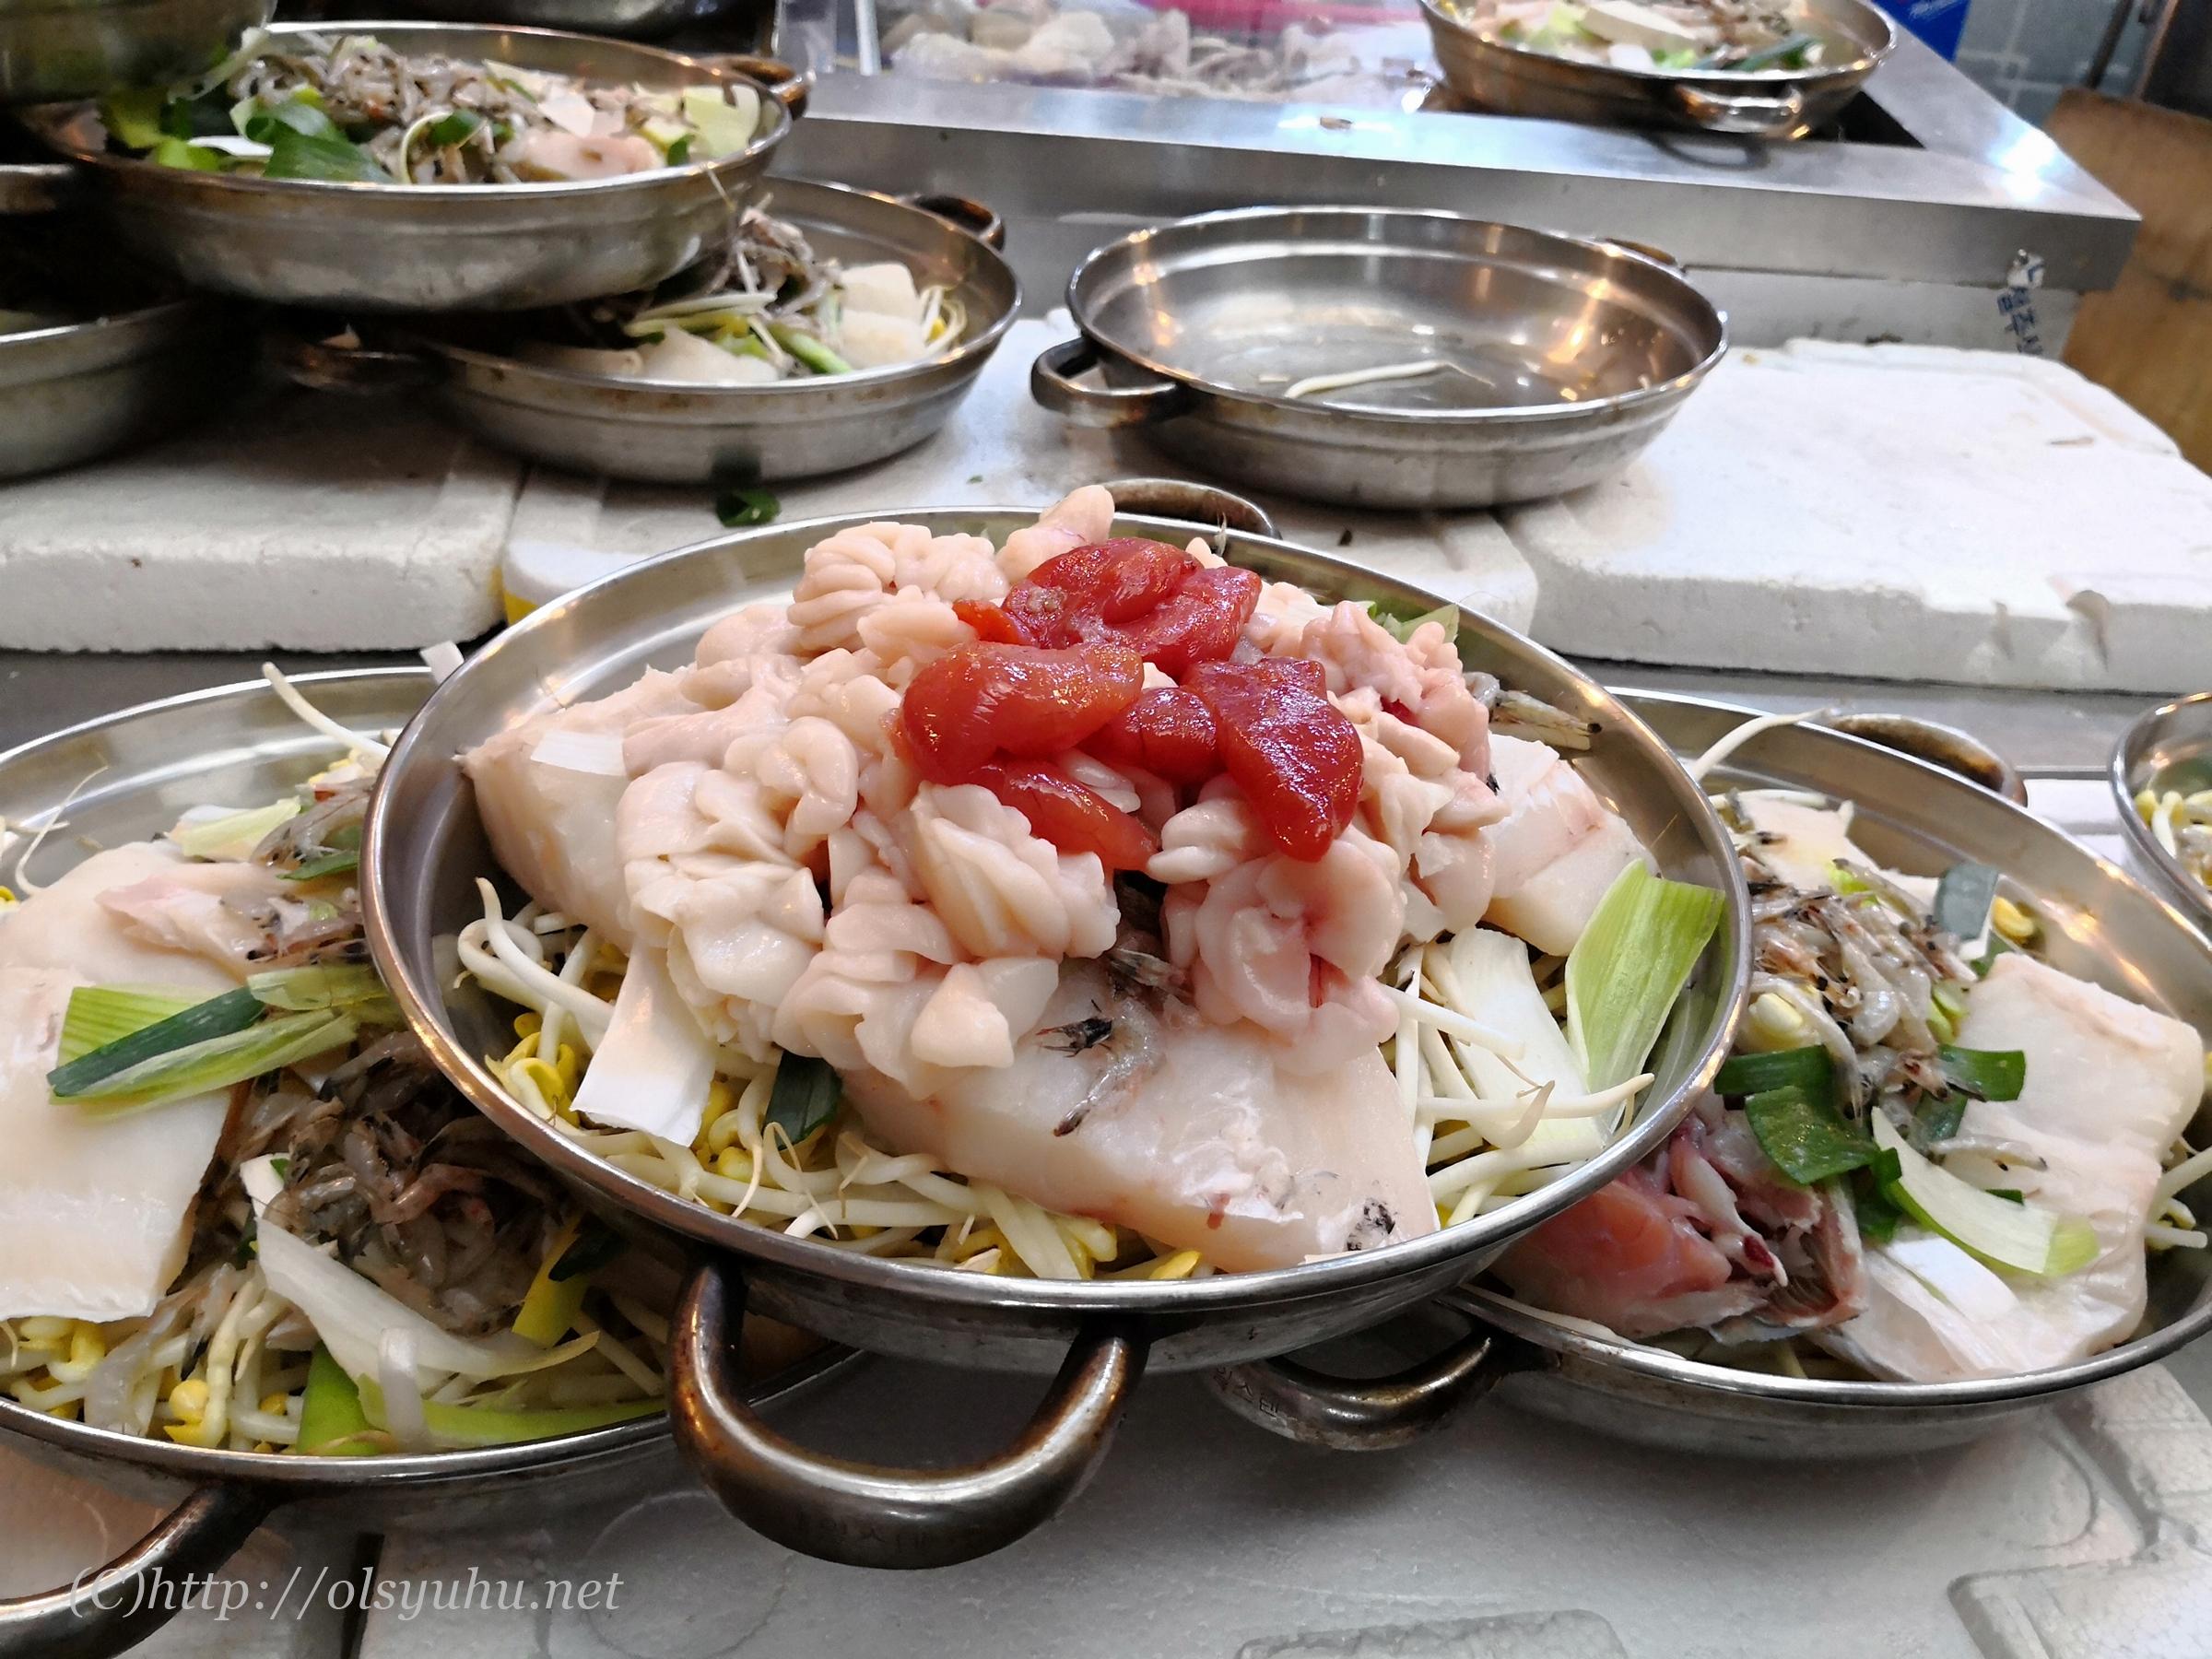 韓国グルメ広蔵市場たら白子鍋